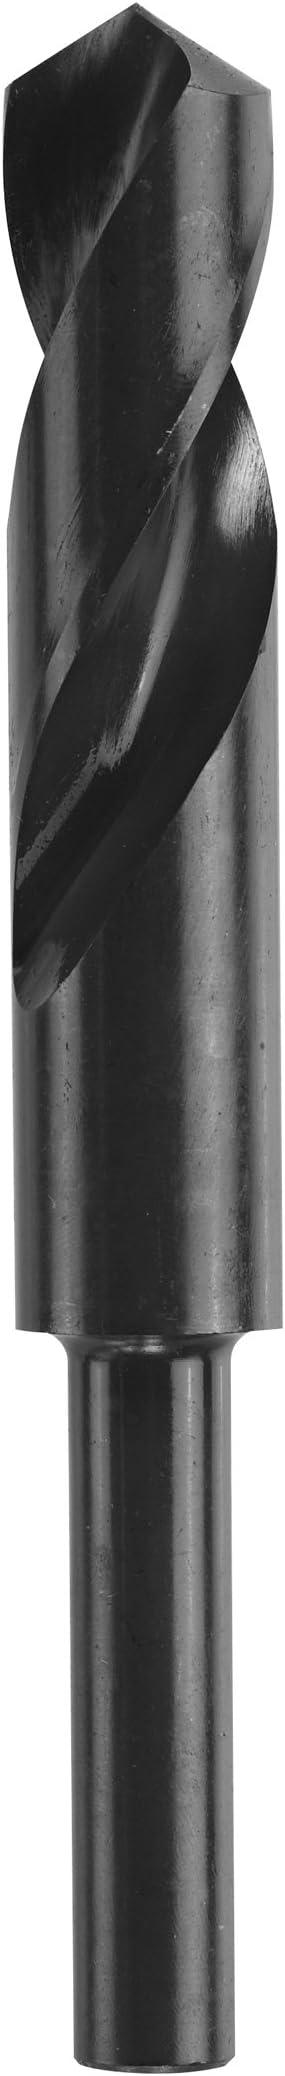 Amazon.com: Bosch bl2179 13/16 in. x 6 en. Fractional Negro ...